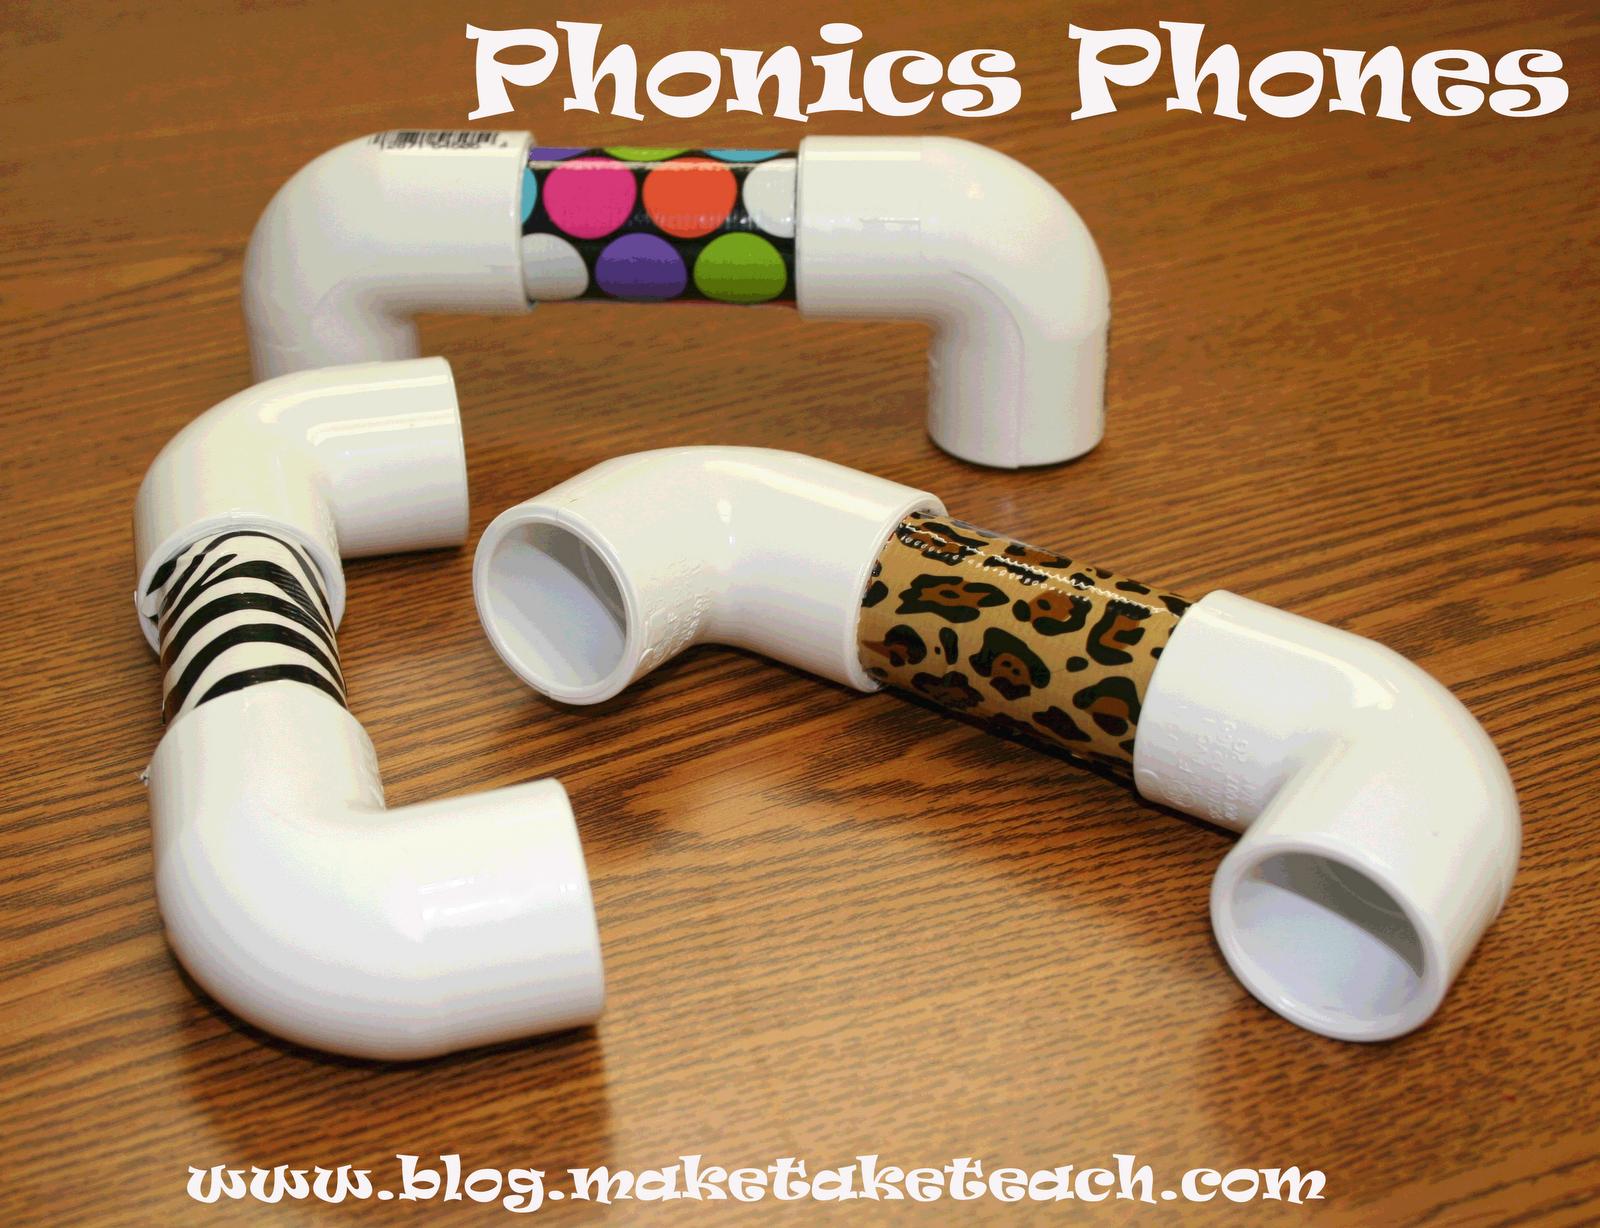 whisper phones